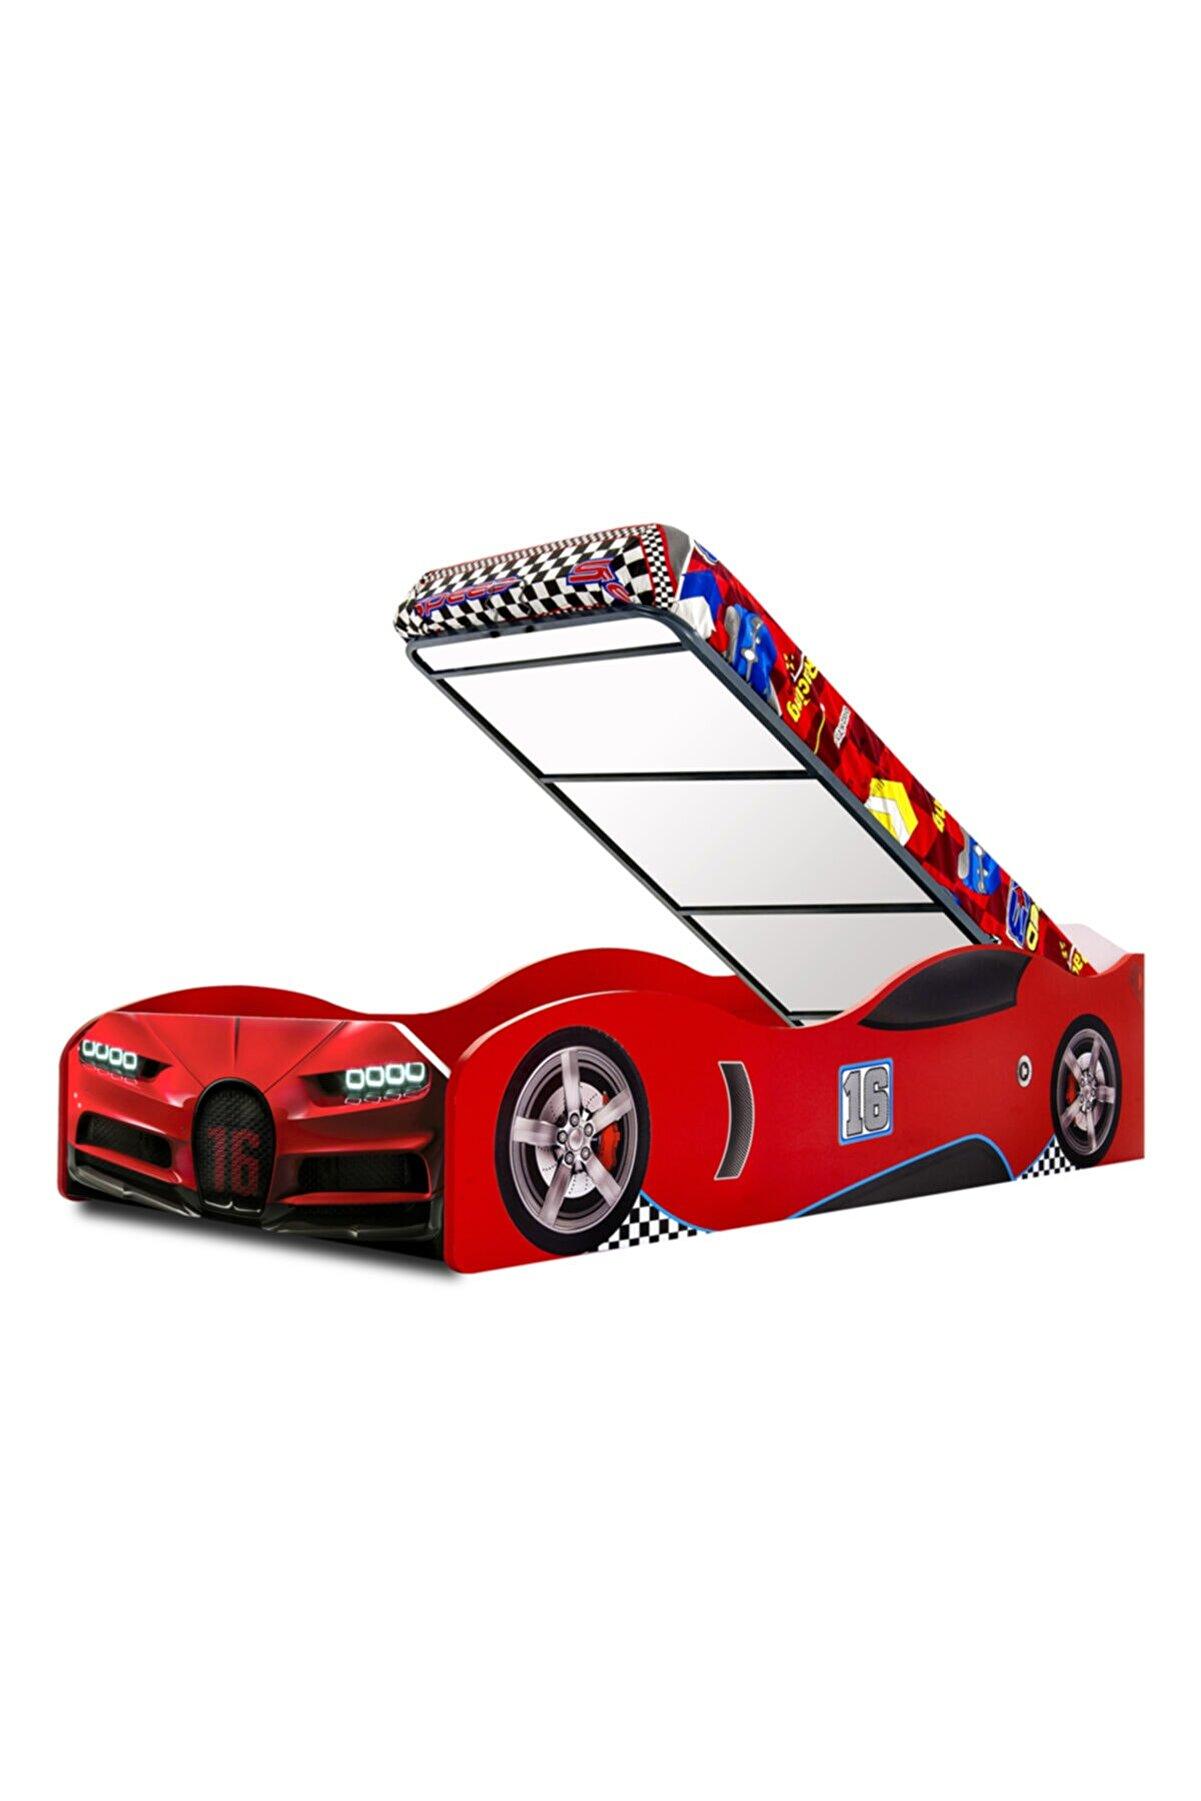 inegoldeneve S1 - Bmw - Eko - Arabalı Yatak Araba Karyola - Kırmızı - Bazalı